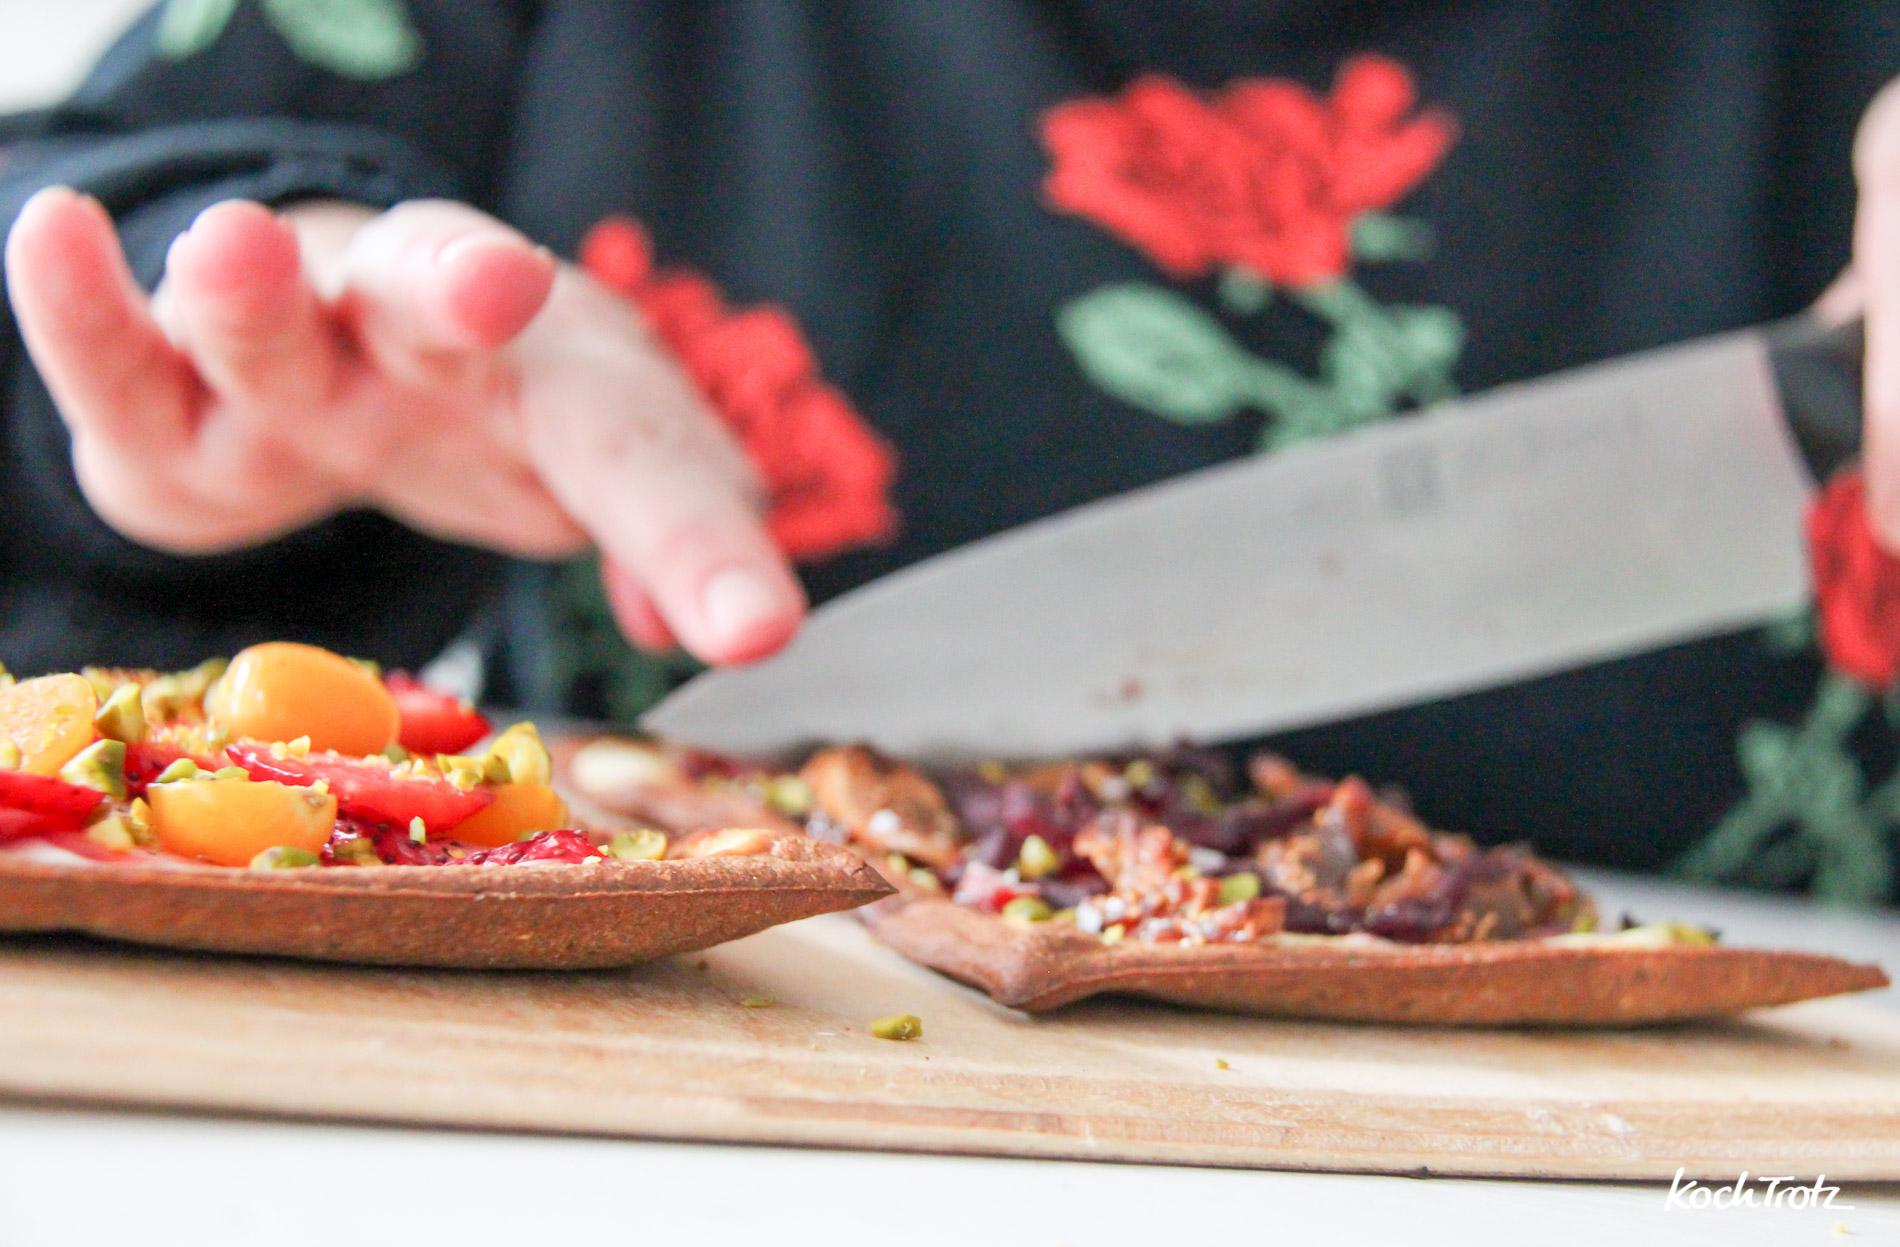 lizza-superteig-pizza-test-27